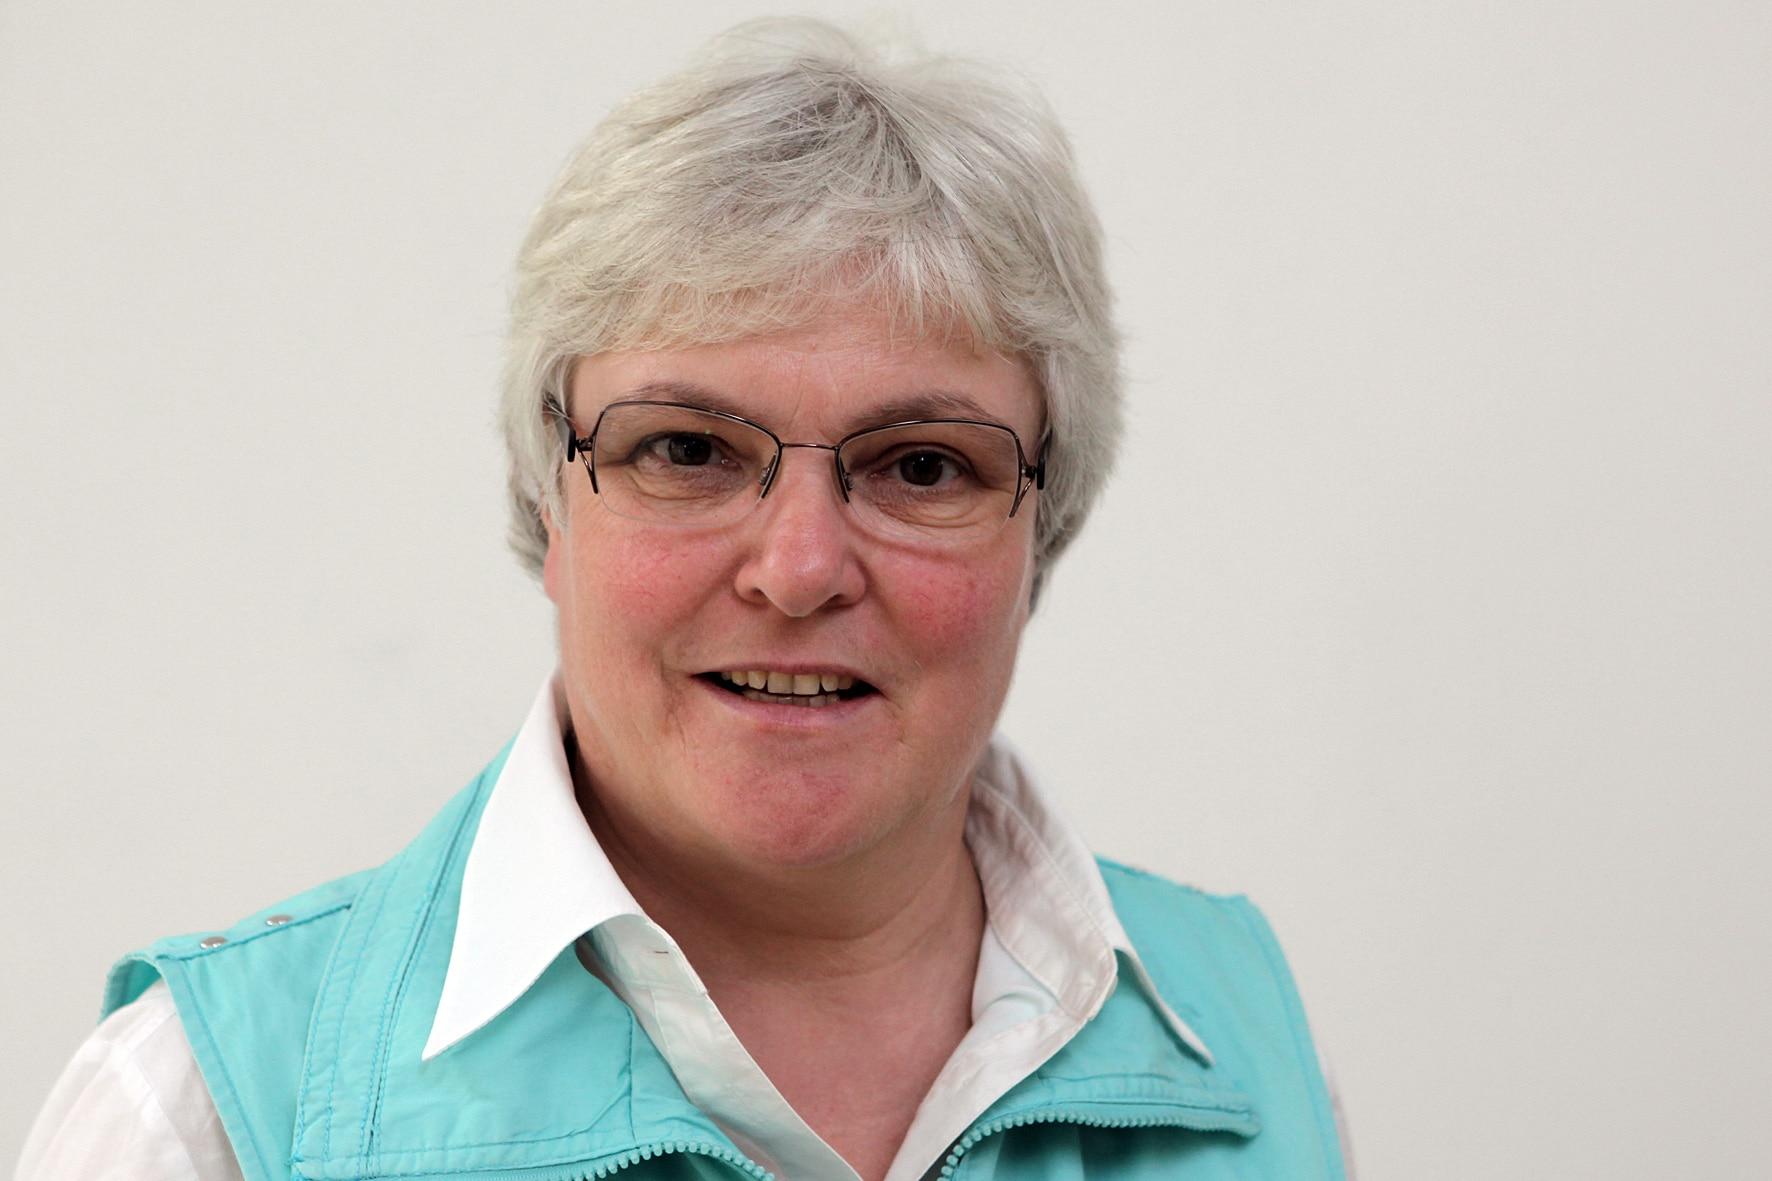 Dr. Julie Kirchberg